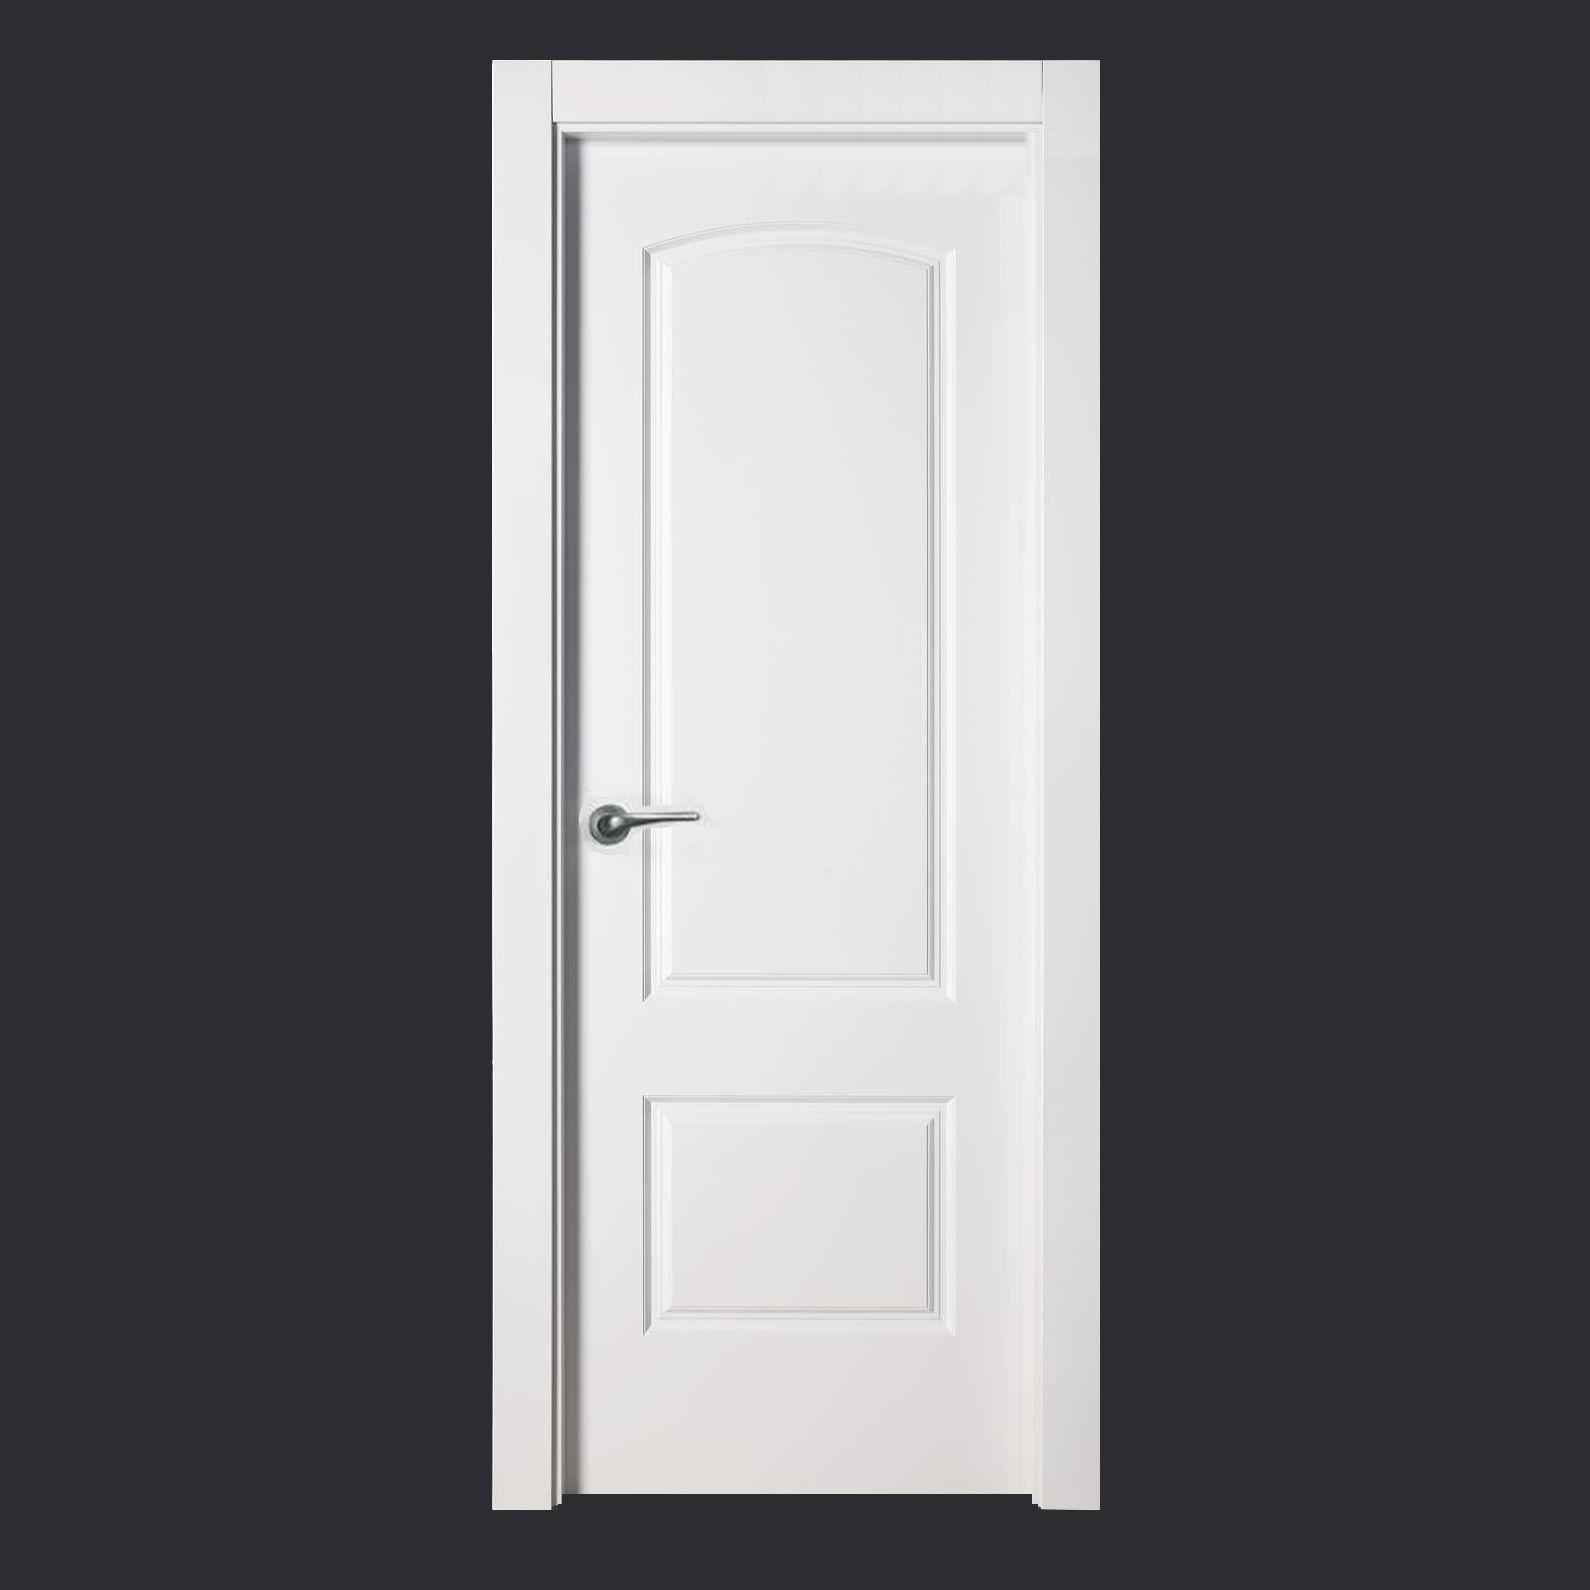 Puerta lacada blanca maciza 5270 ev 6 remodelacion en for Lacar puertas en blanco